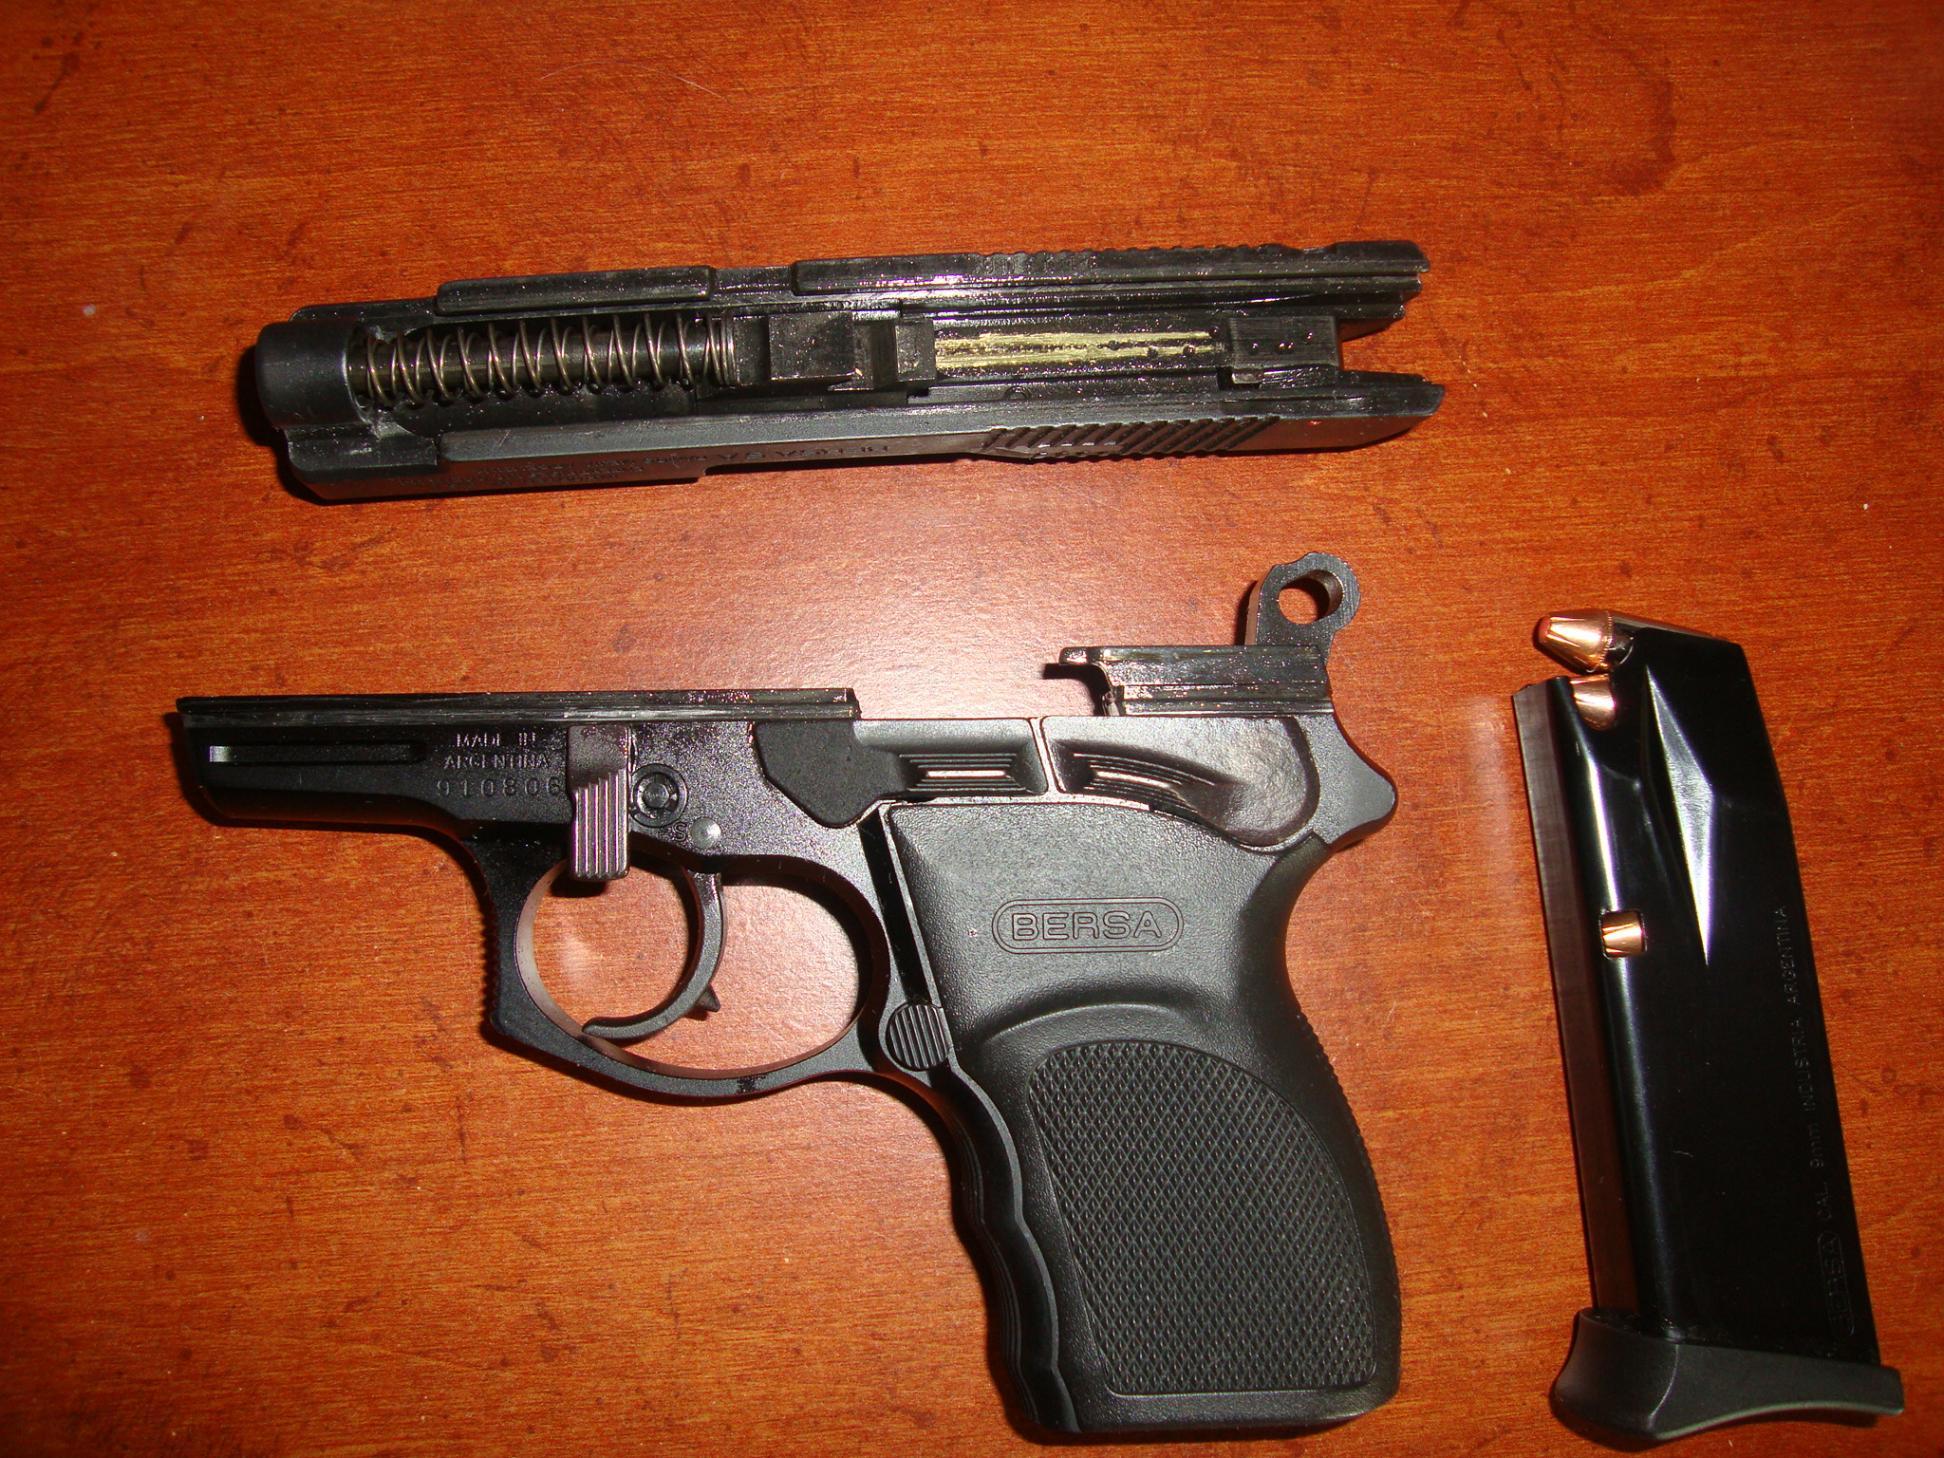 Sub compact DA/SA guns for CCW?-dsc00892.jpg